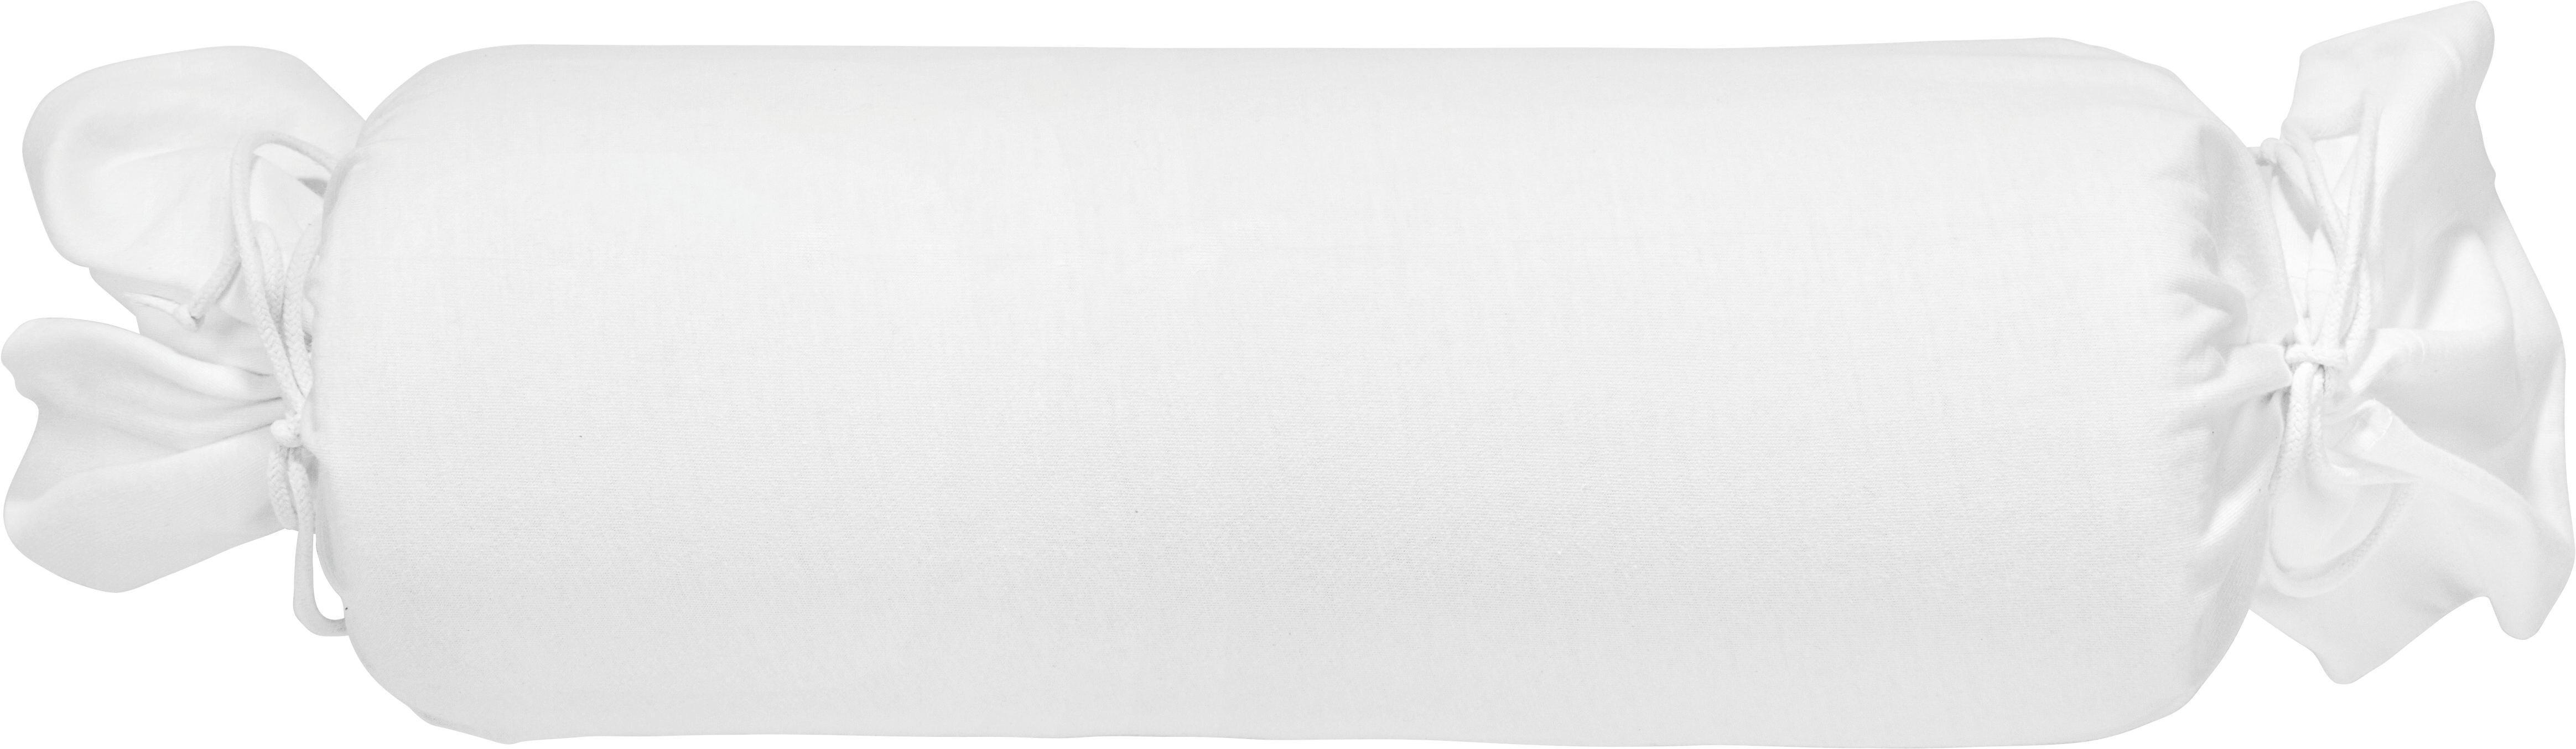 Kissenhülle Basic ca. 15x40cm - Weiß, Textil (15/40cm) - MÖMAX modern living